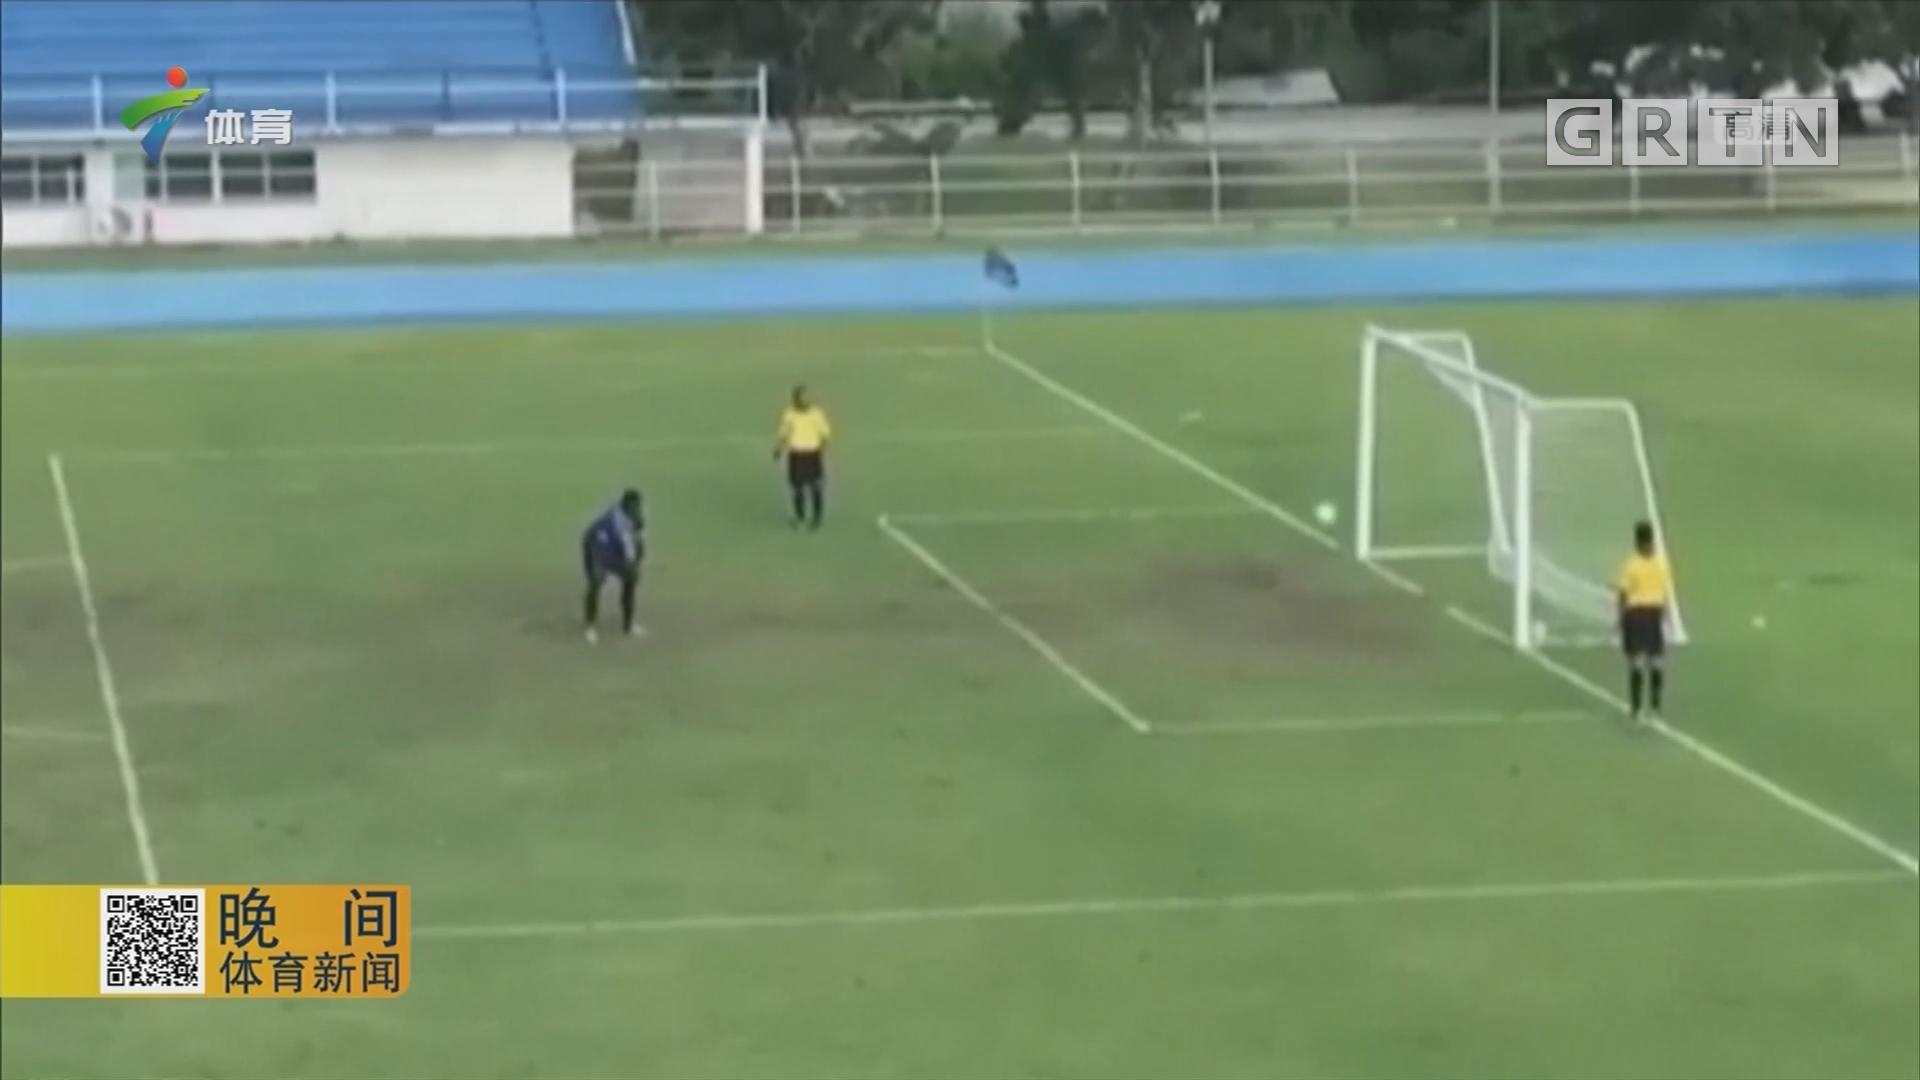 最慢进球 泰国足球比赛神反转